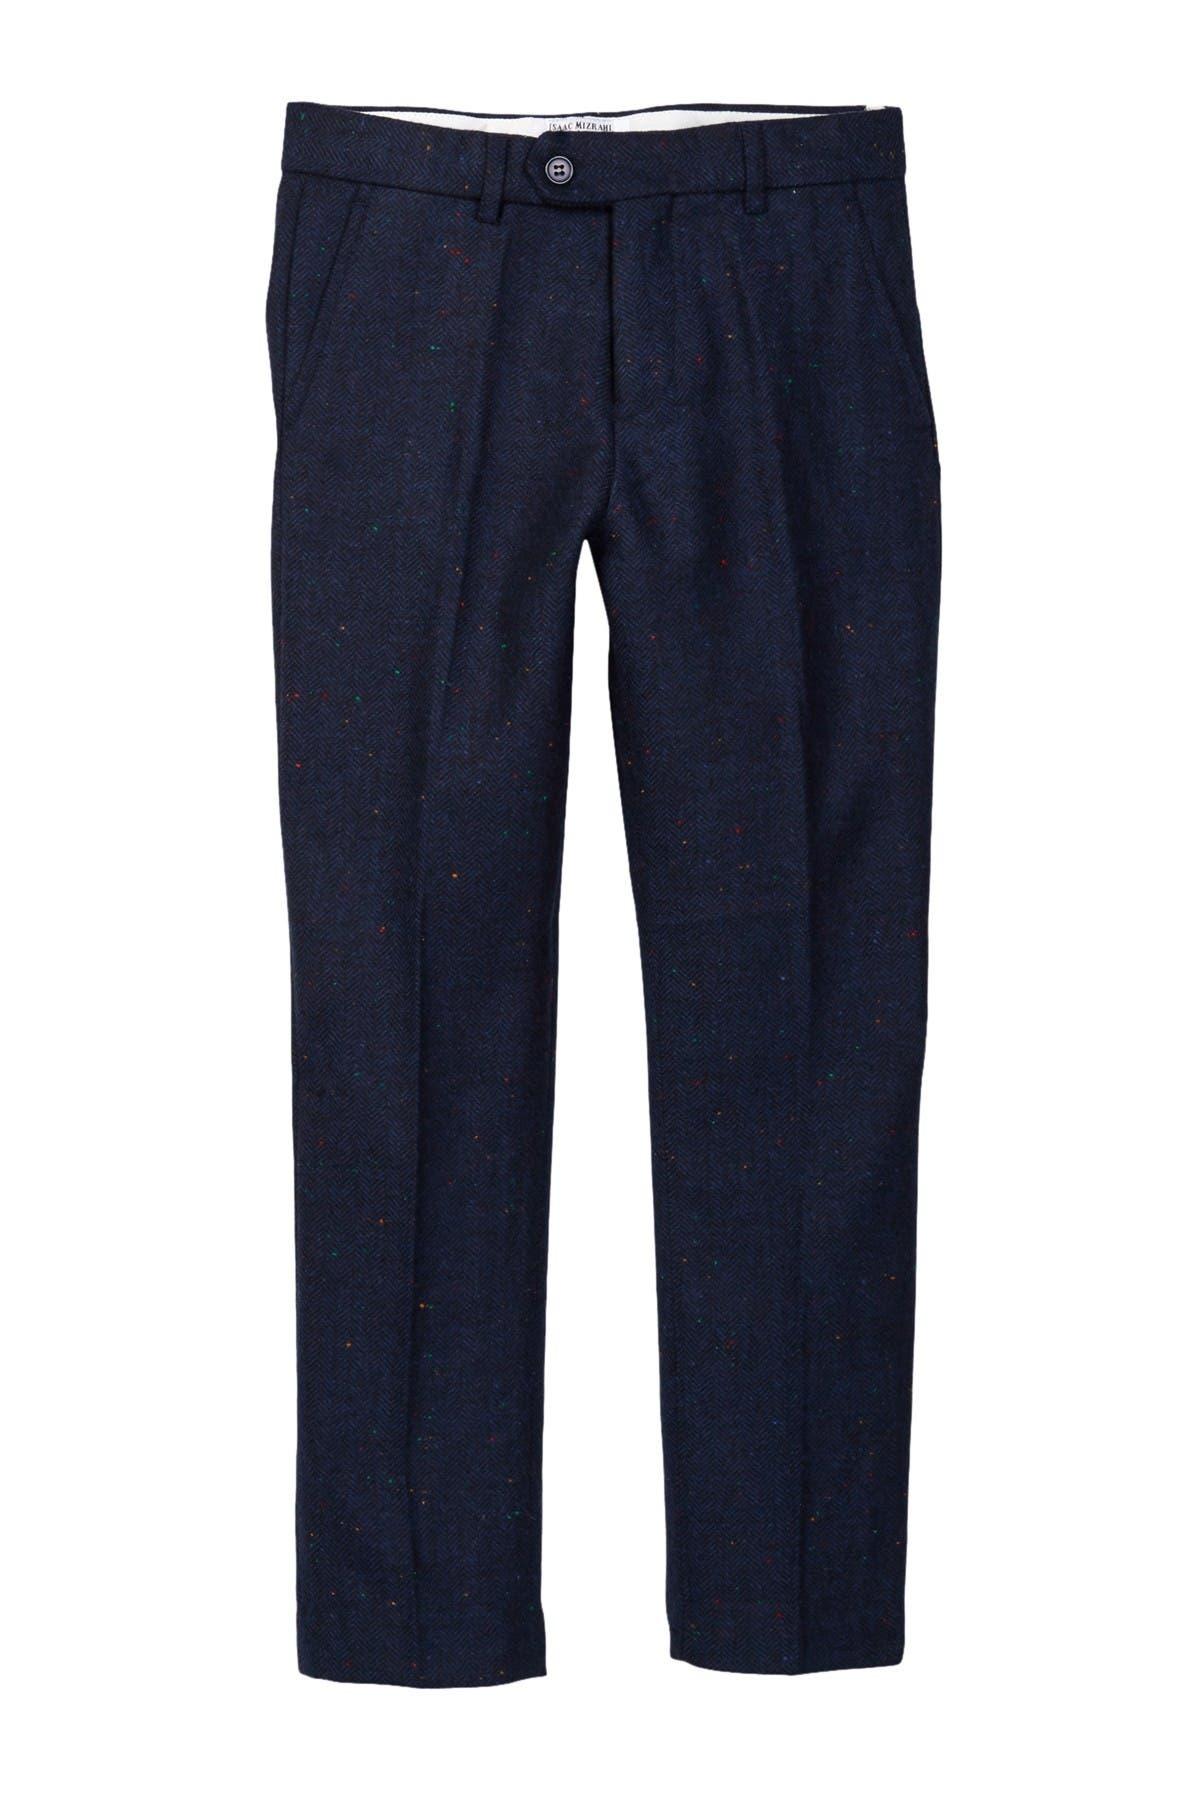 Image of Isaac Mizrahi Linen Pant